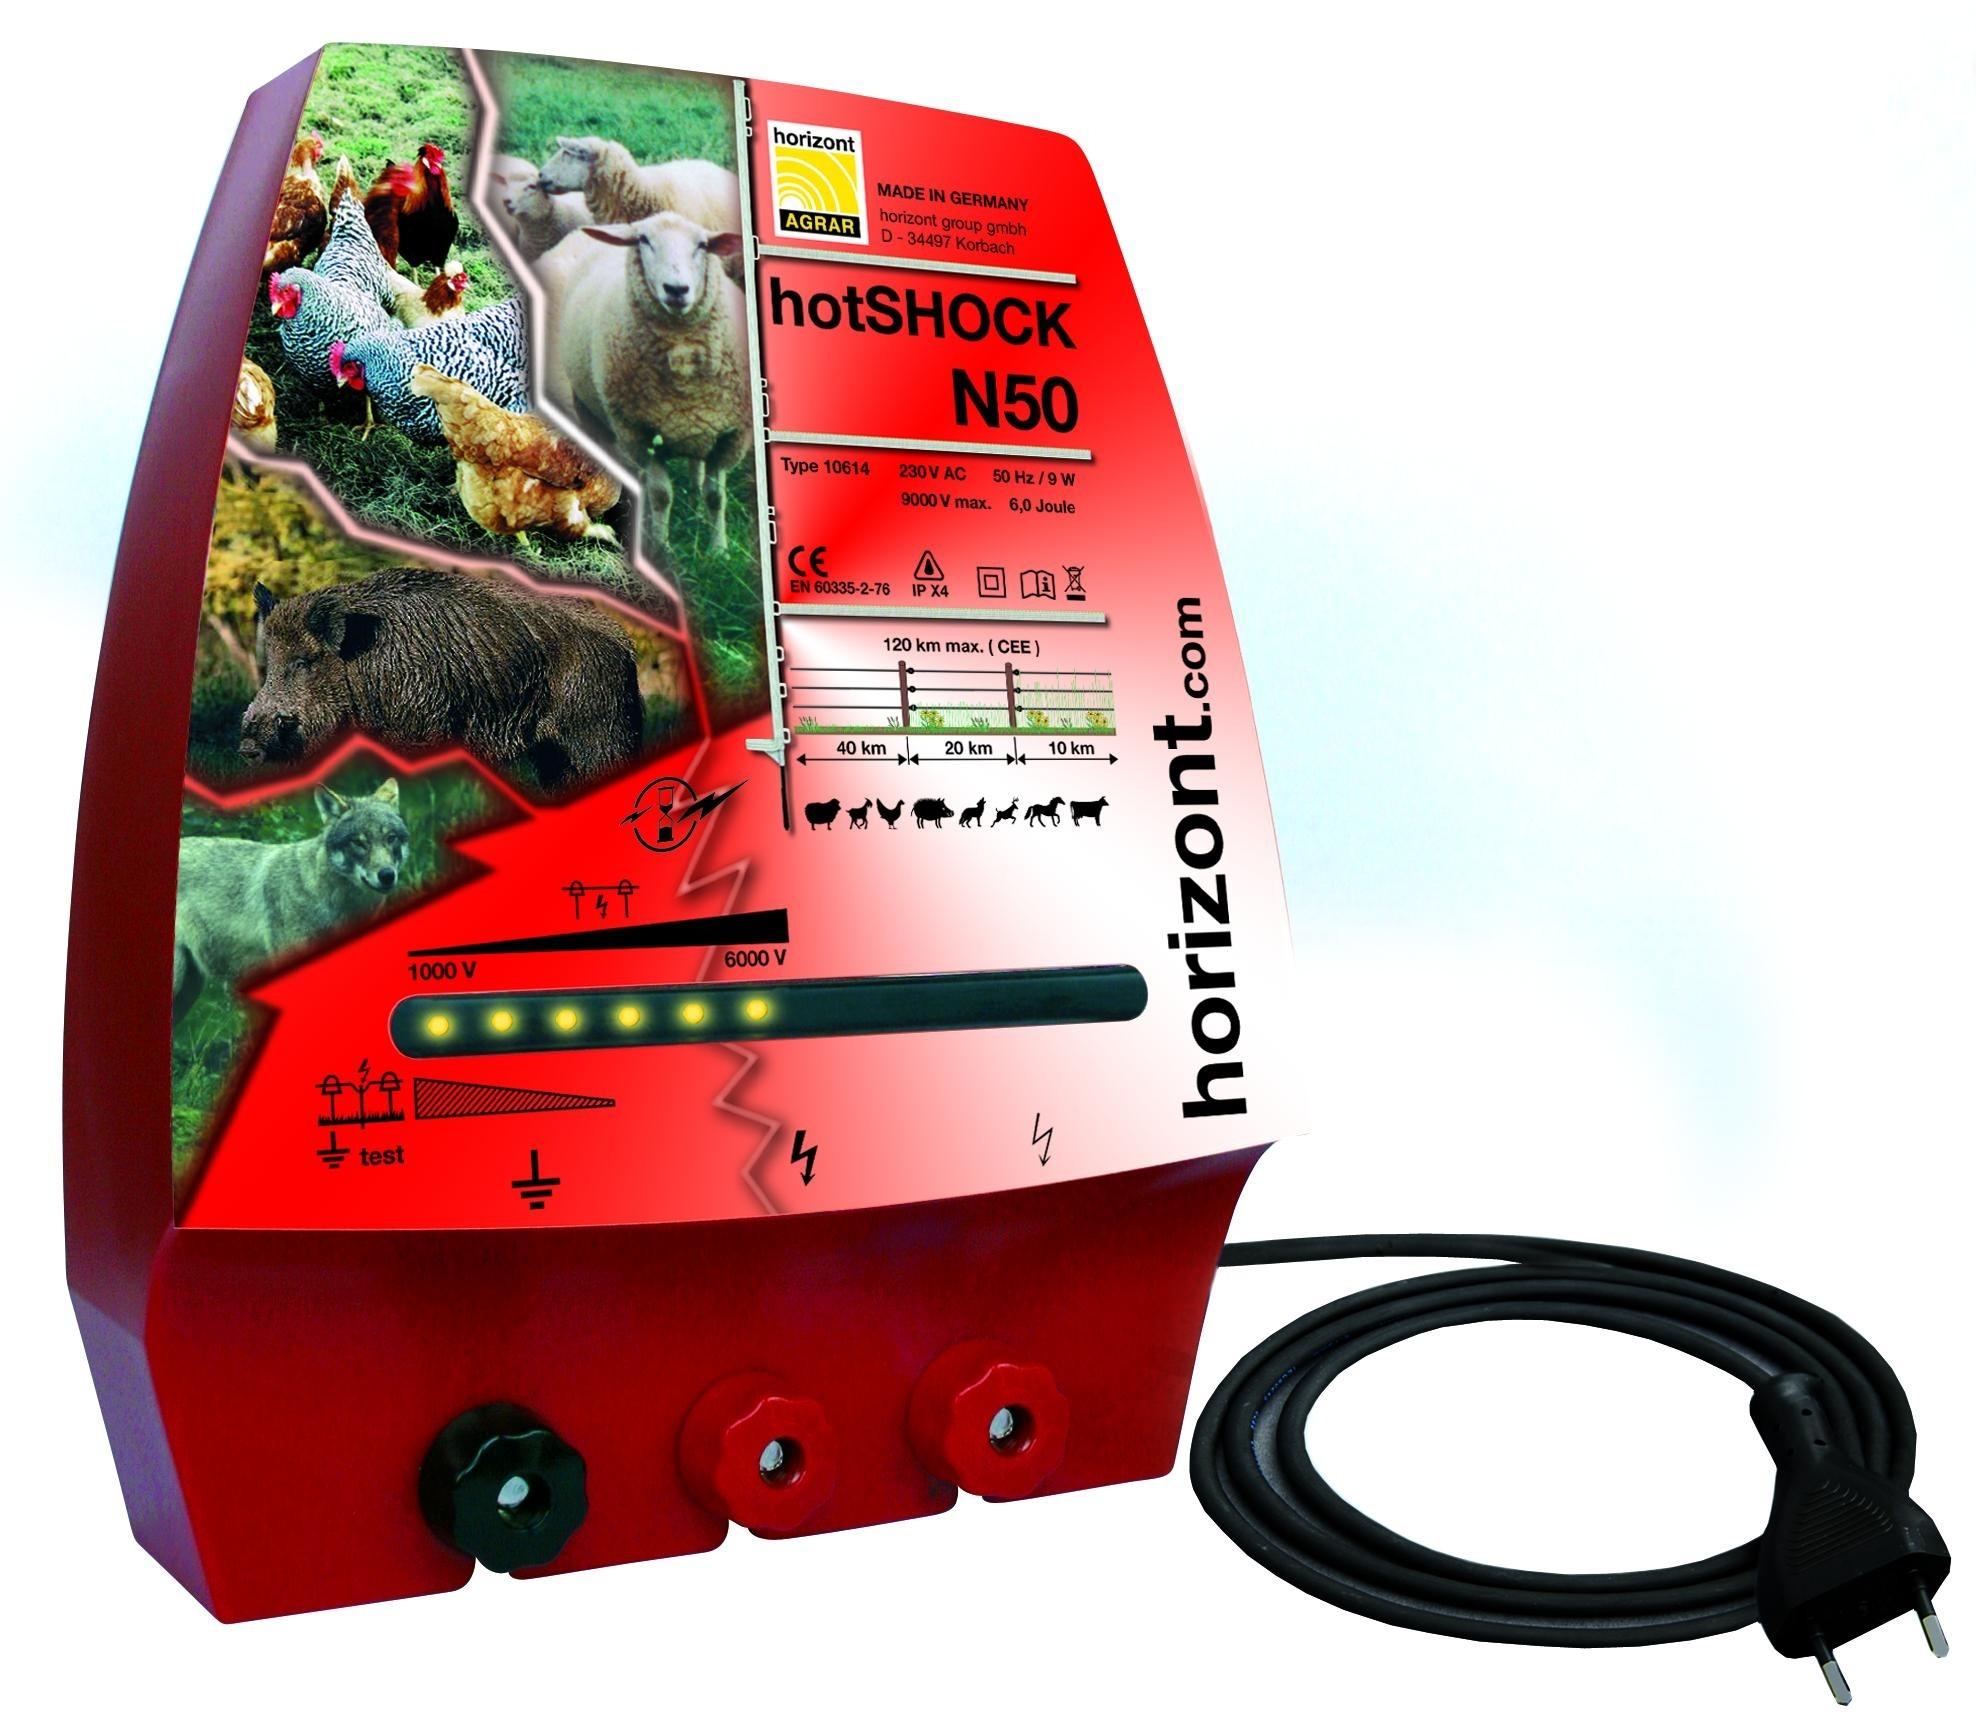 Horizont Hotshock N50 (netstroom) schrikdraadapparaat